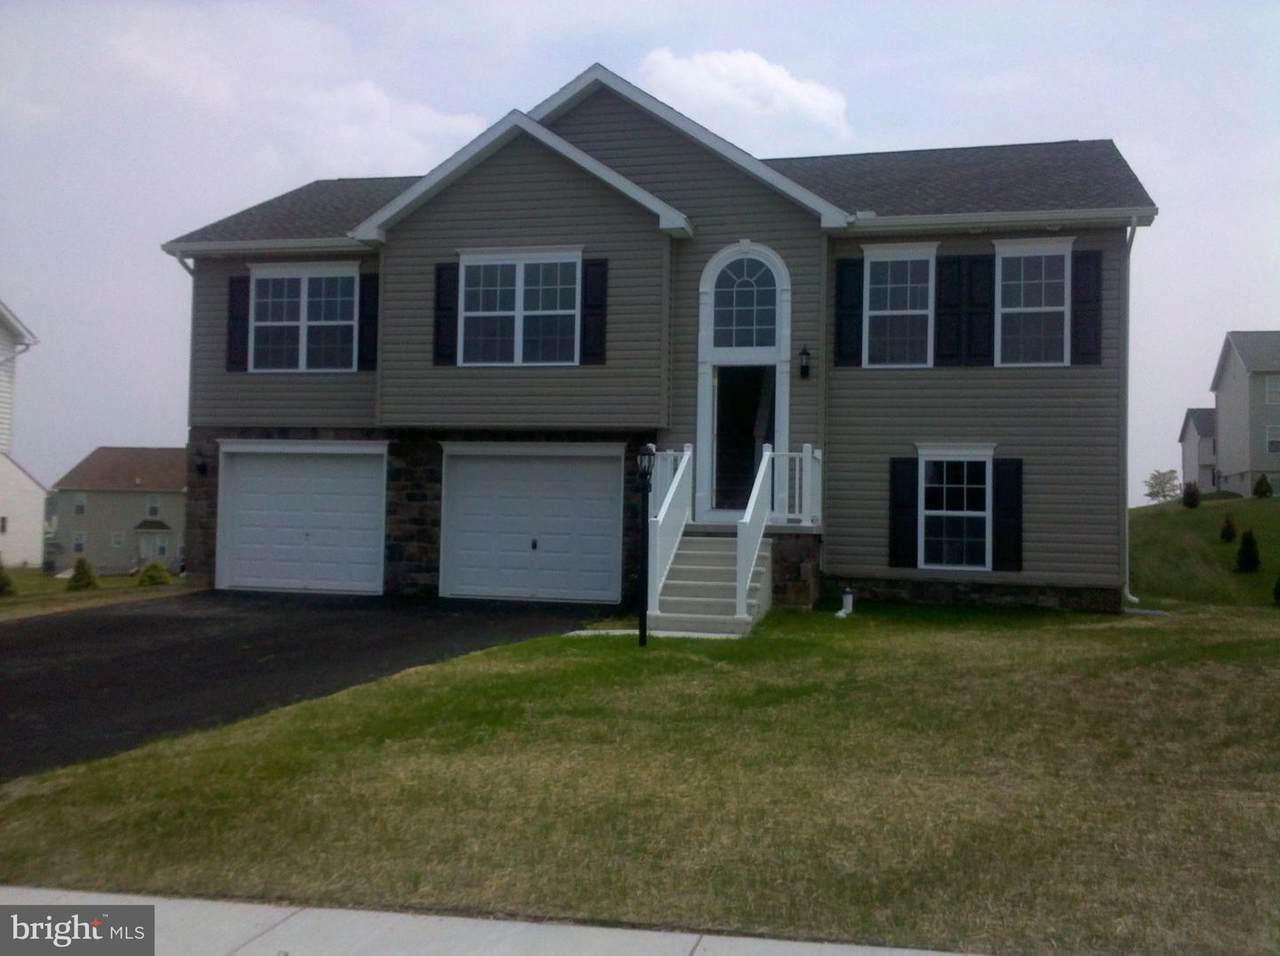 51 Homestead Drive - Photo 1